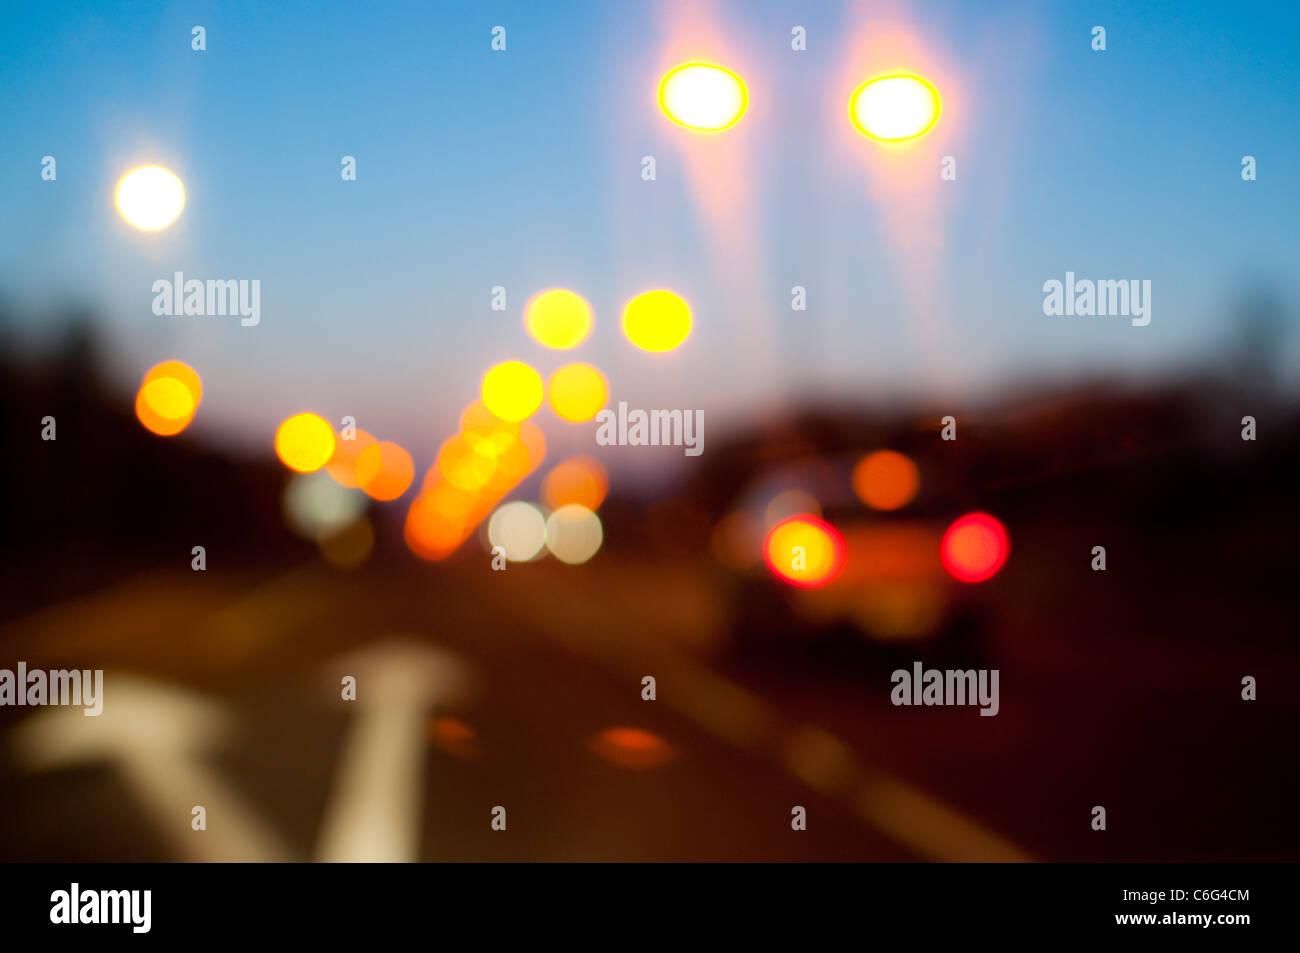 Las luces de la calle y las luces de cola de coches en una carretera al atardecer Imagen De Stock